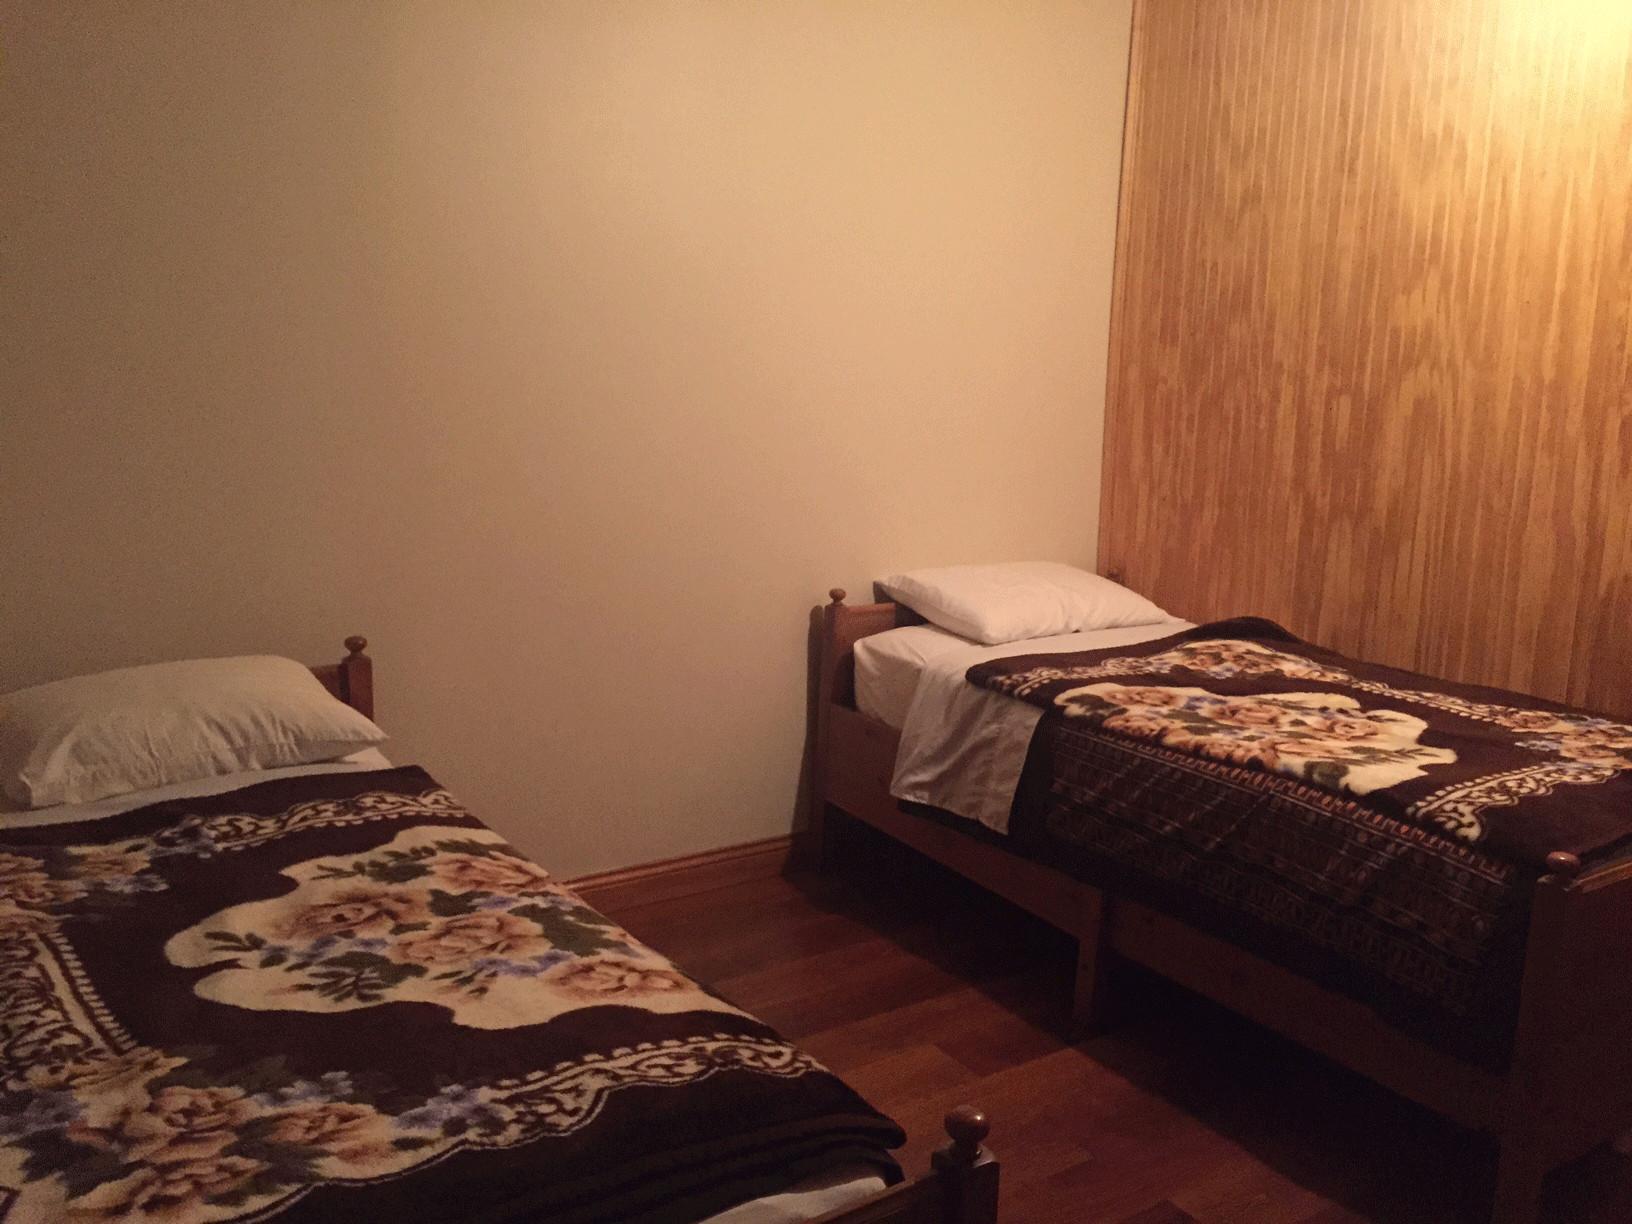 2 Bed Bedroom chicago belmont cragin 2 bed bedroom! | room for rent chicago